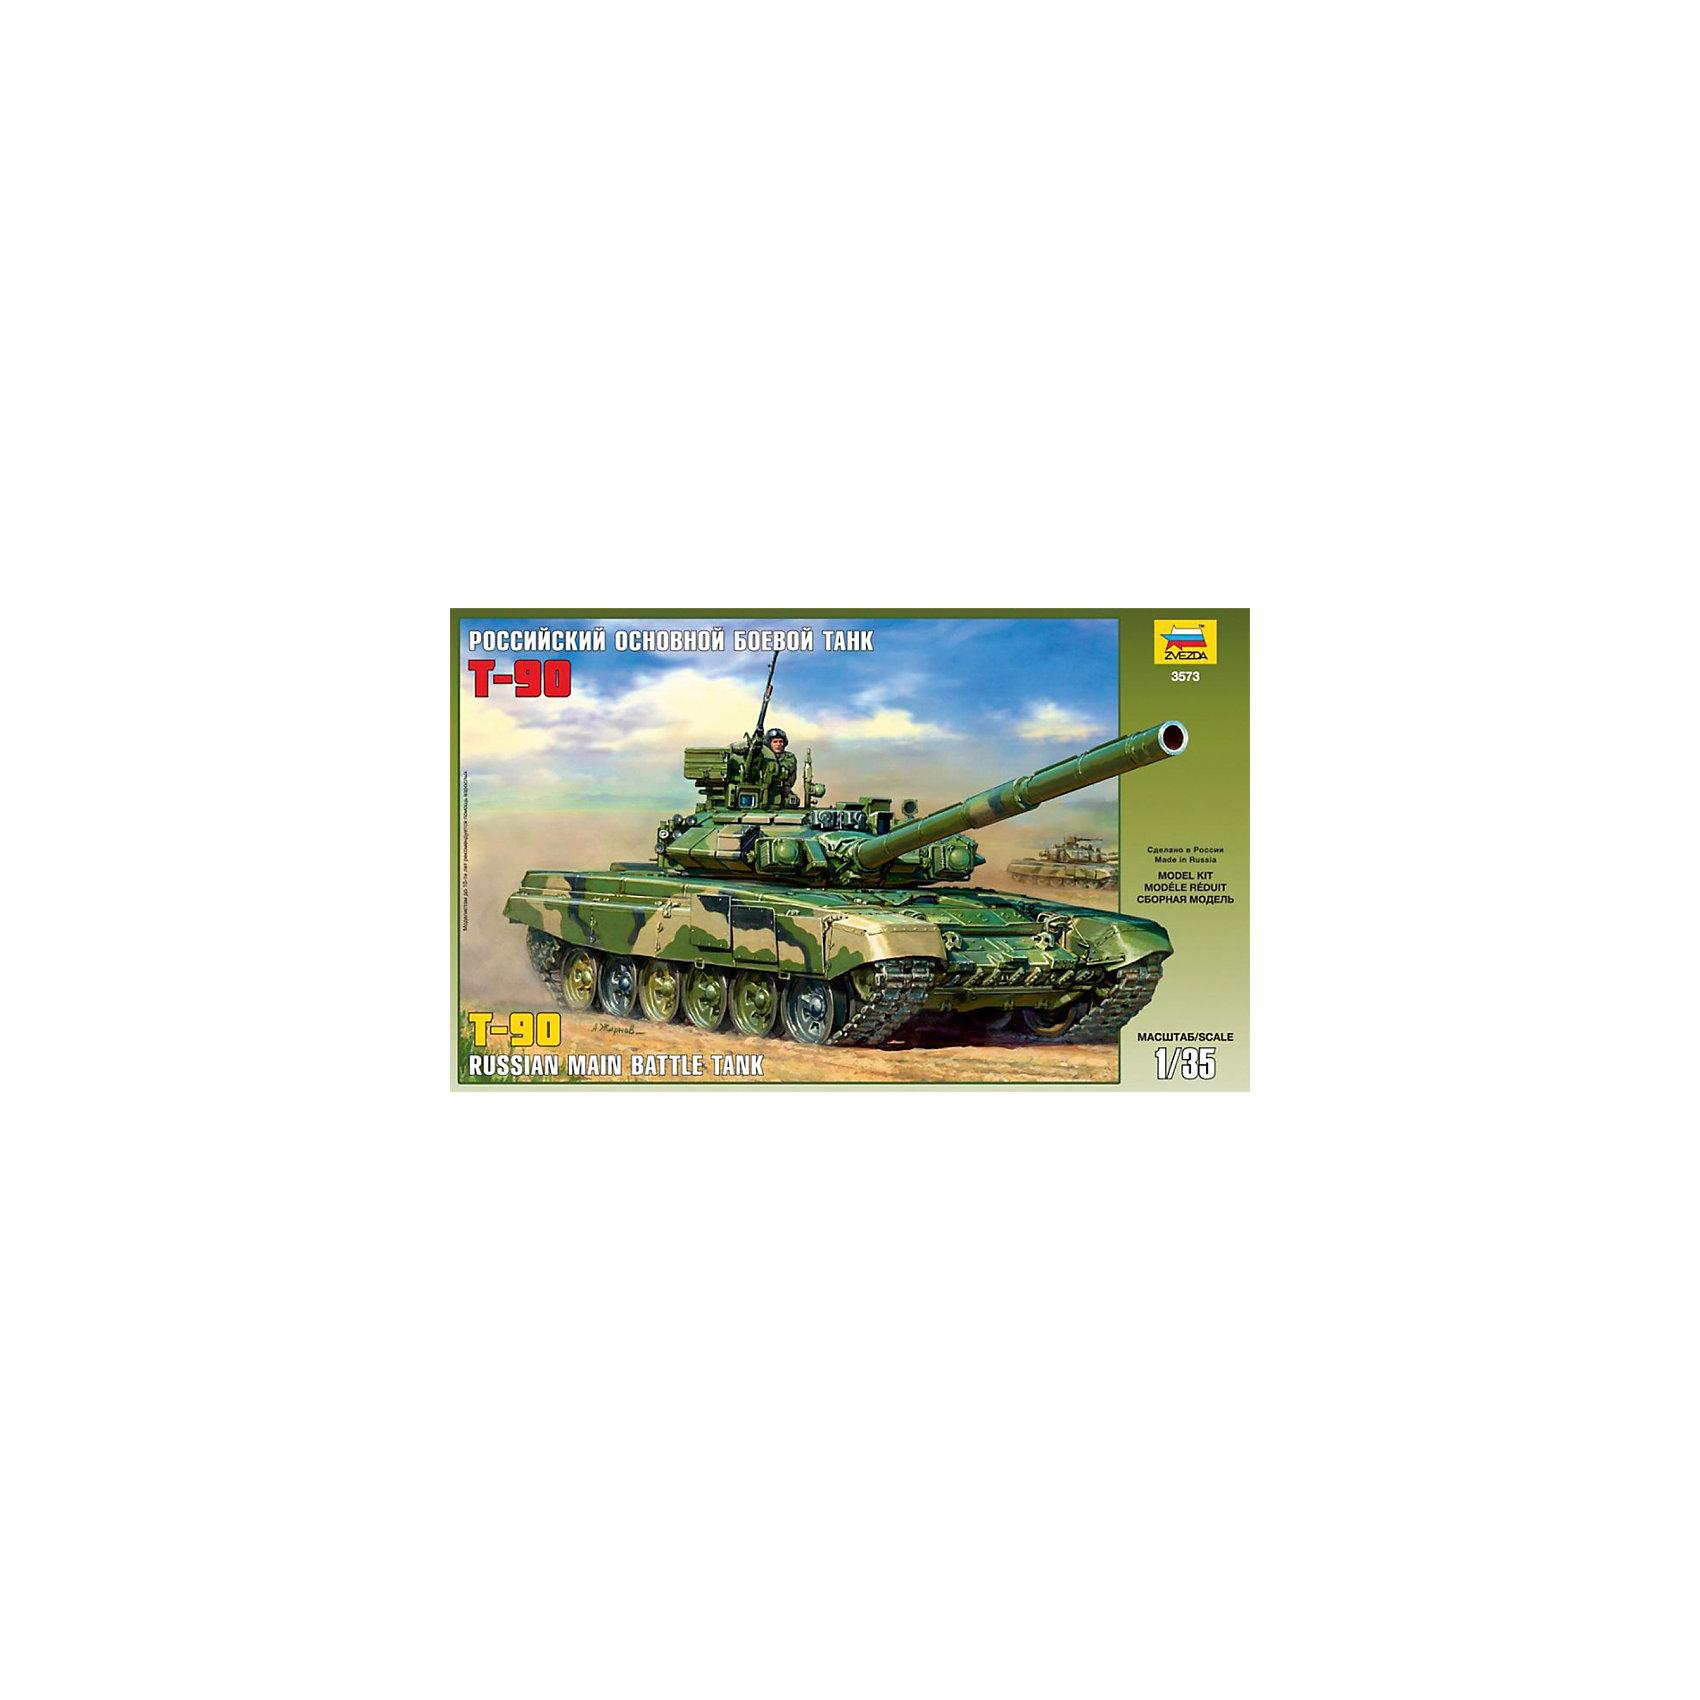 Сборная модель Звезда Основной боевой танк Т-90, 1:35Модели для склеивания<br>Модель сборная Основной боевой танк Т-90<br><br>Ширина мм: 400<br>Глубина мм: 70<br>Высота мм: 242<br>Вес г: 630<br>Возраст от месяцев: 36<br>Возраст до месяцев: 180<br>Пол: Мужской<br>Возраст: Детский<br>SKU: 7086408